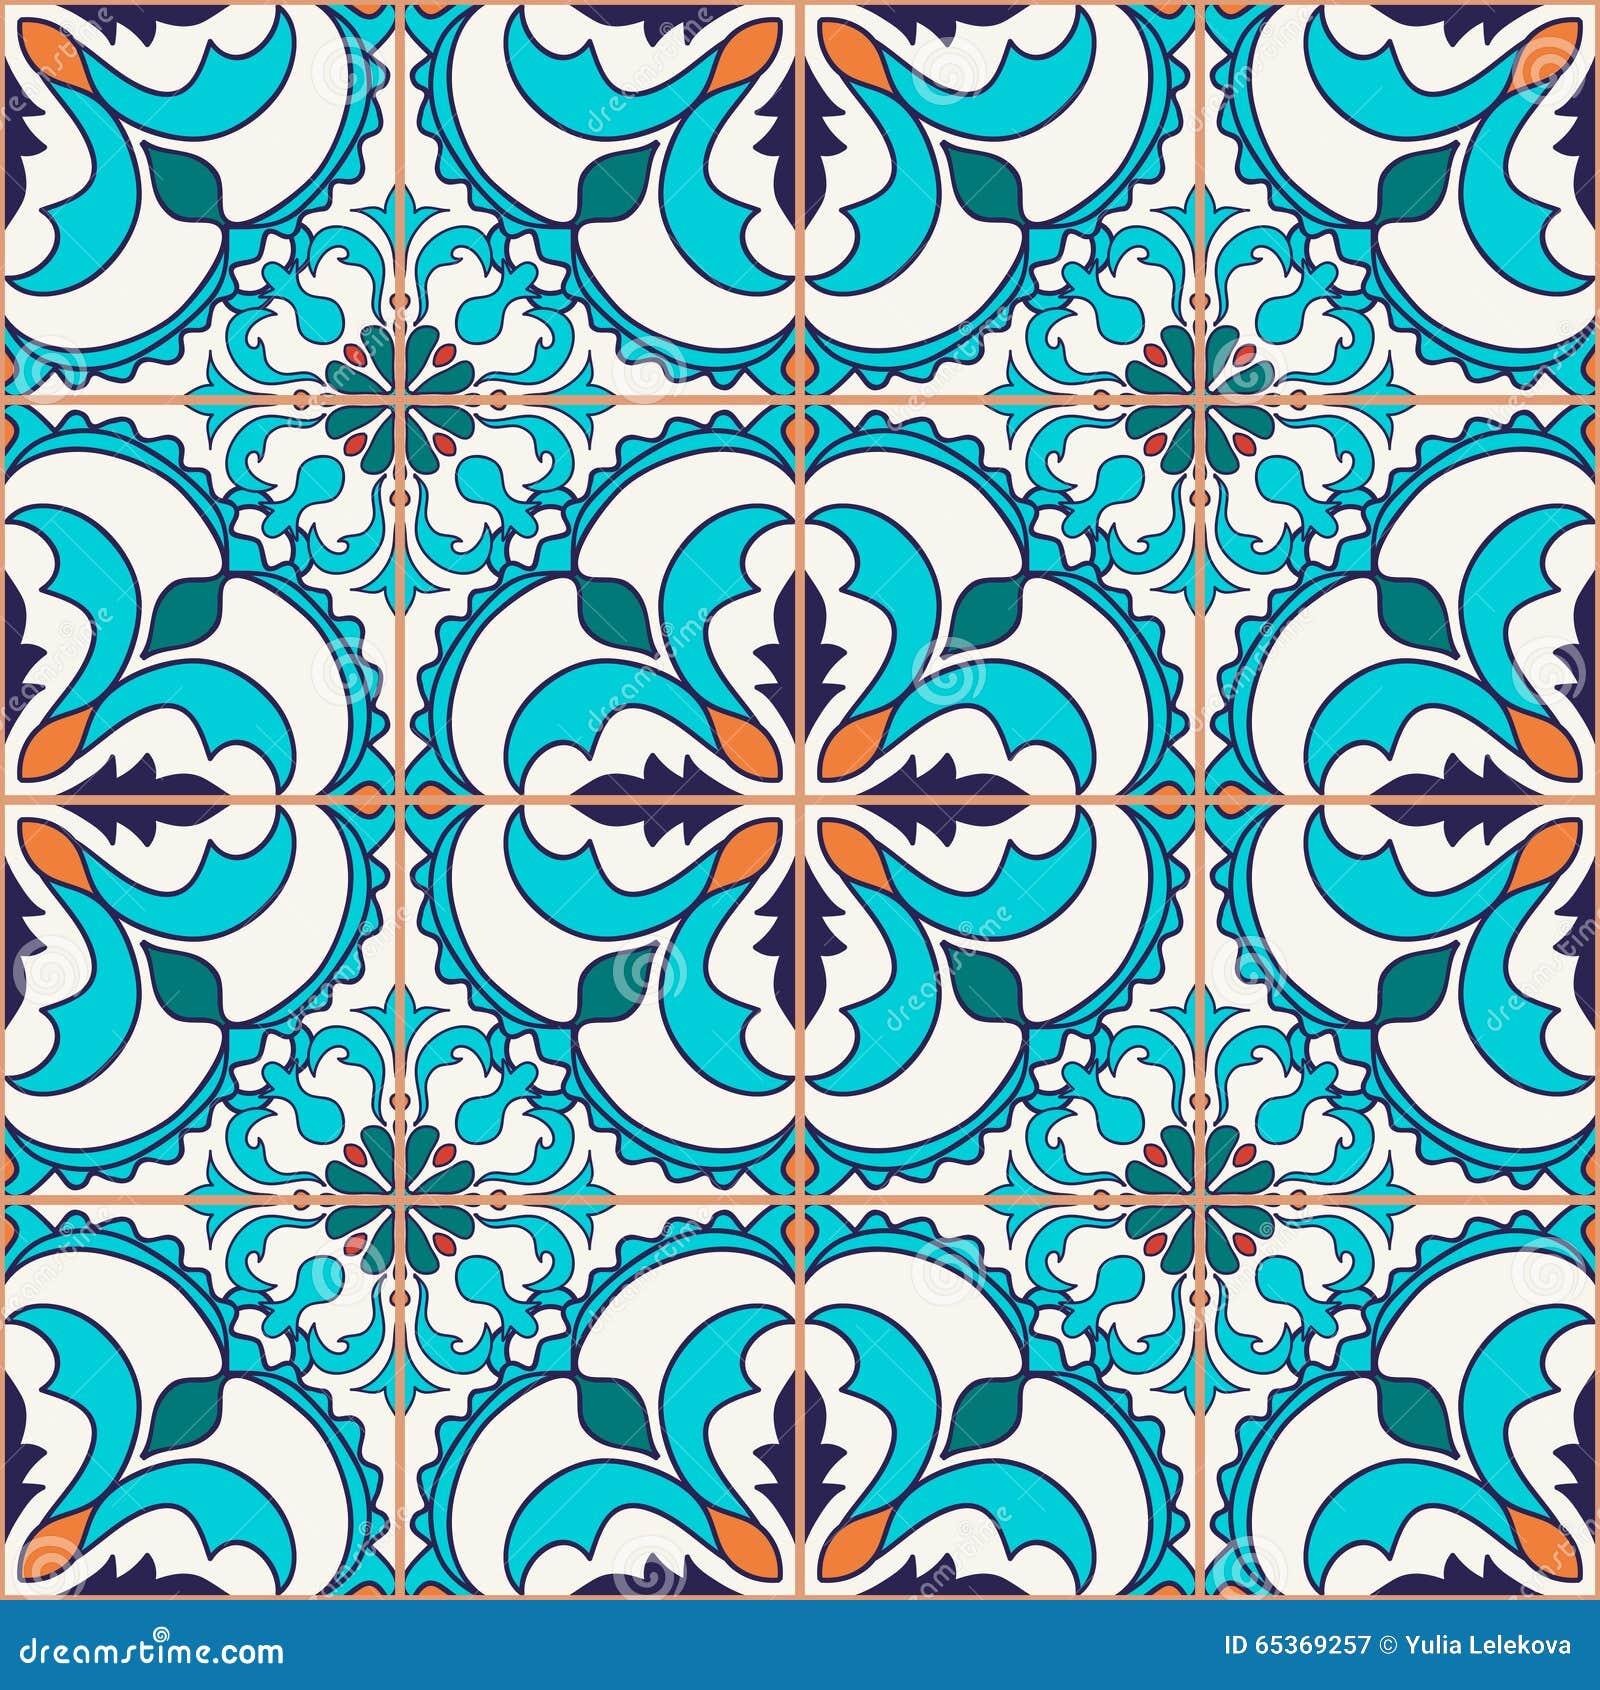 Vektornahtlose Beschaffenheit Schönes farbiges Muster für Design und Mode mit dekorativen Elementen